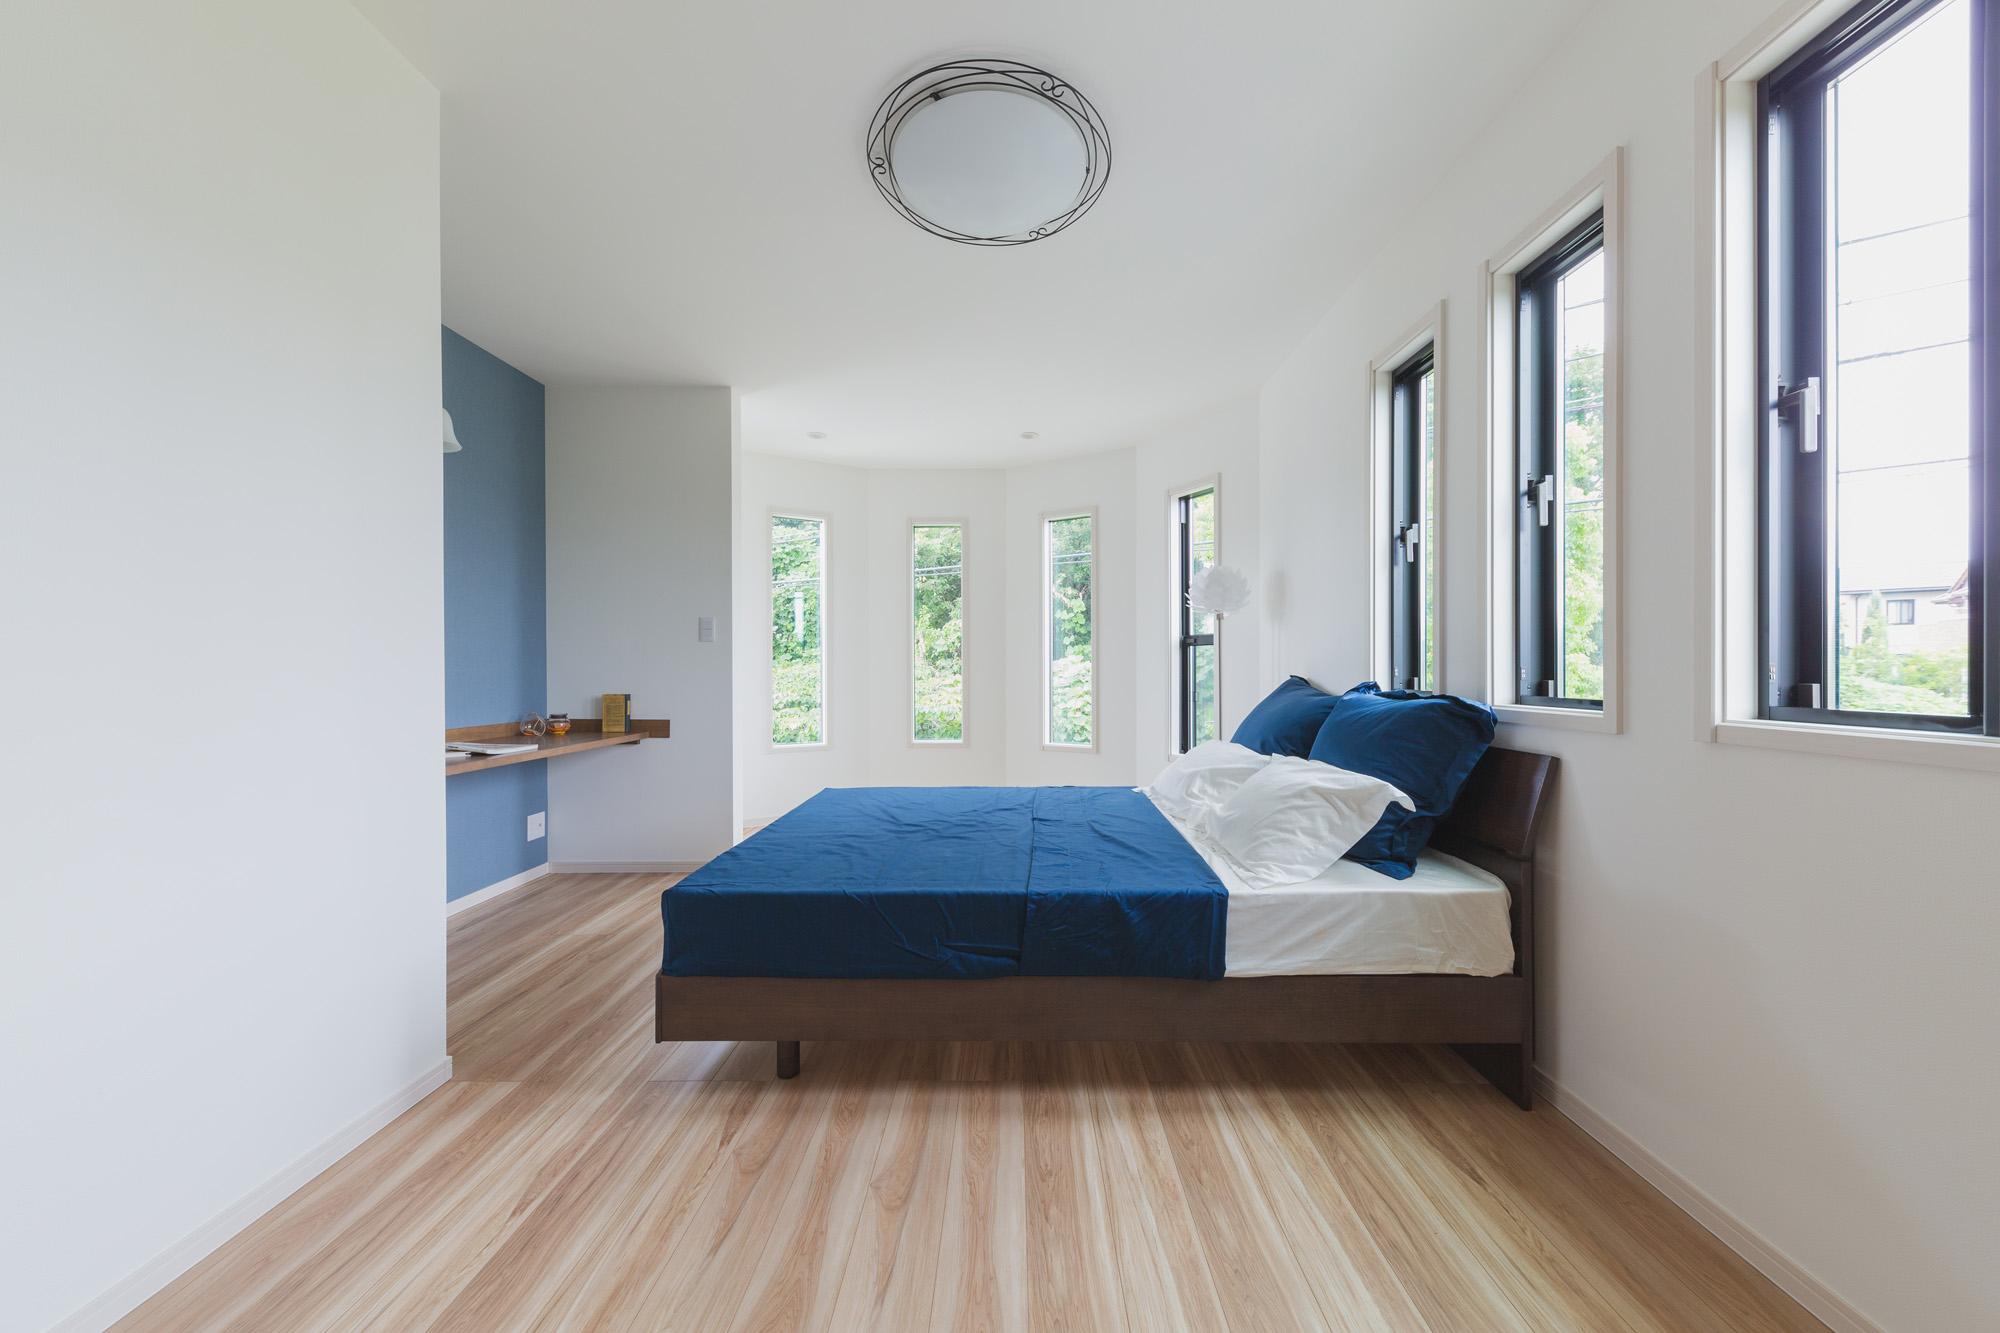 寝室の壁面もアーチ状になっており、緑に囲まれた爽やかな朝を過ごすことができます。